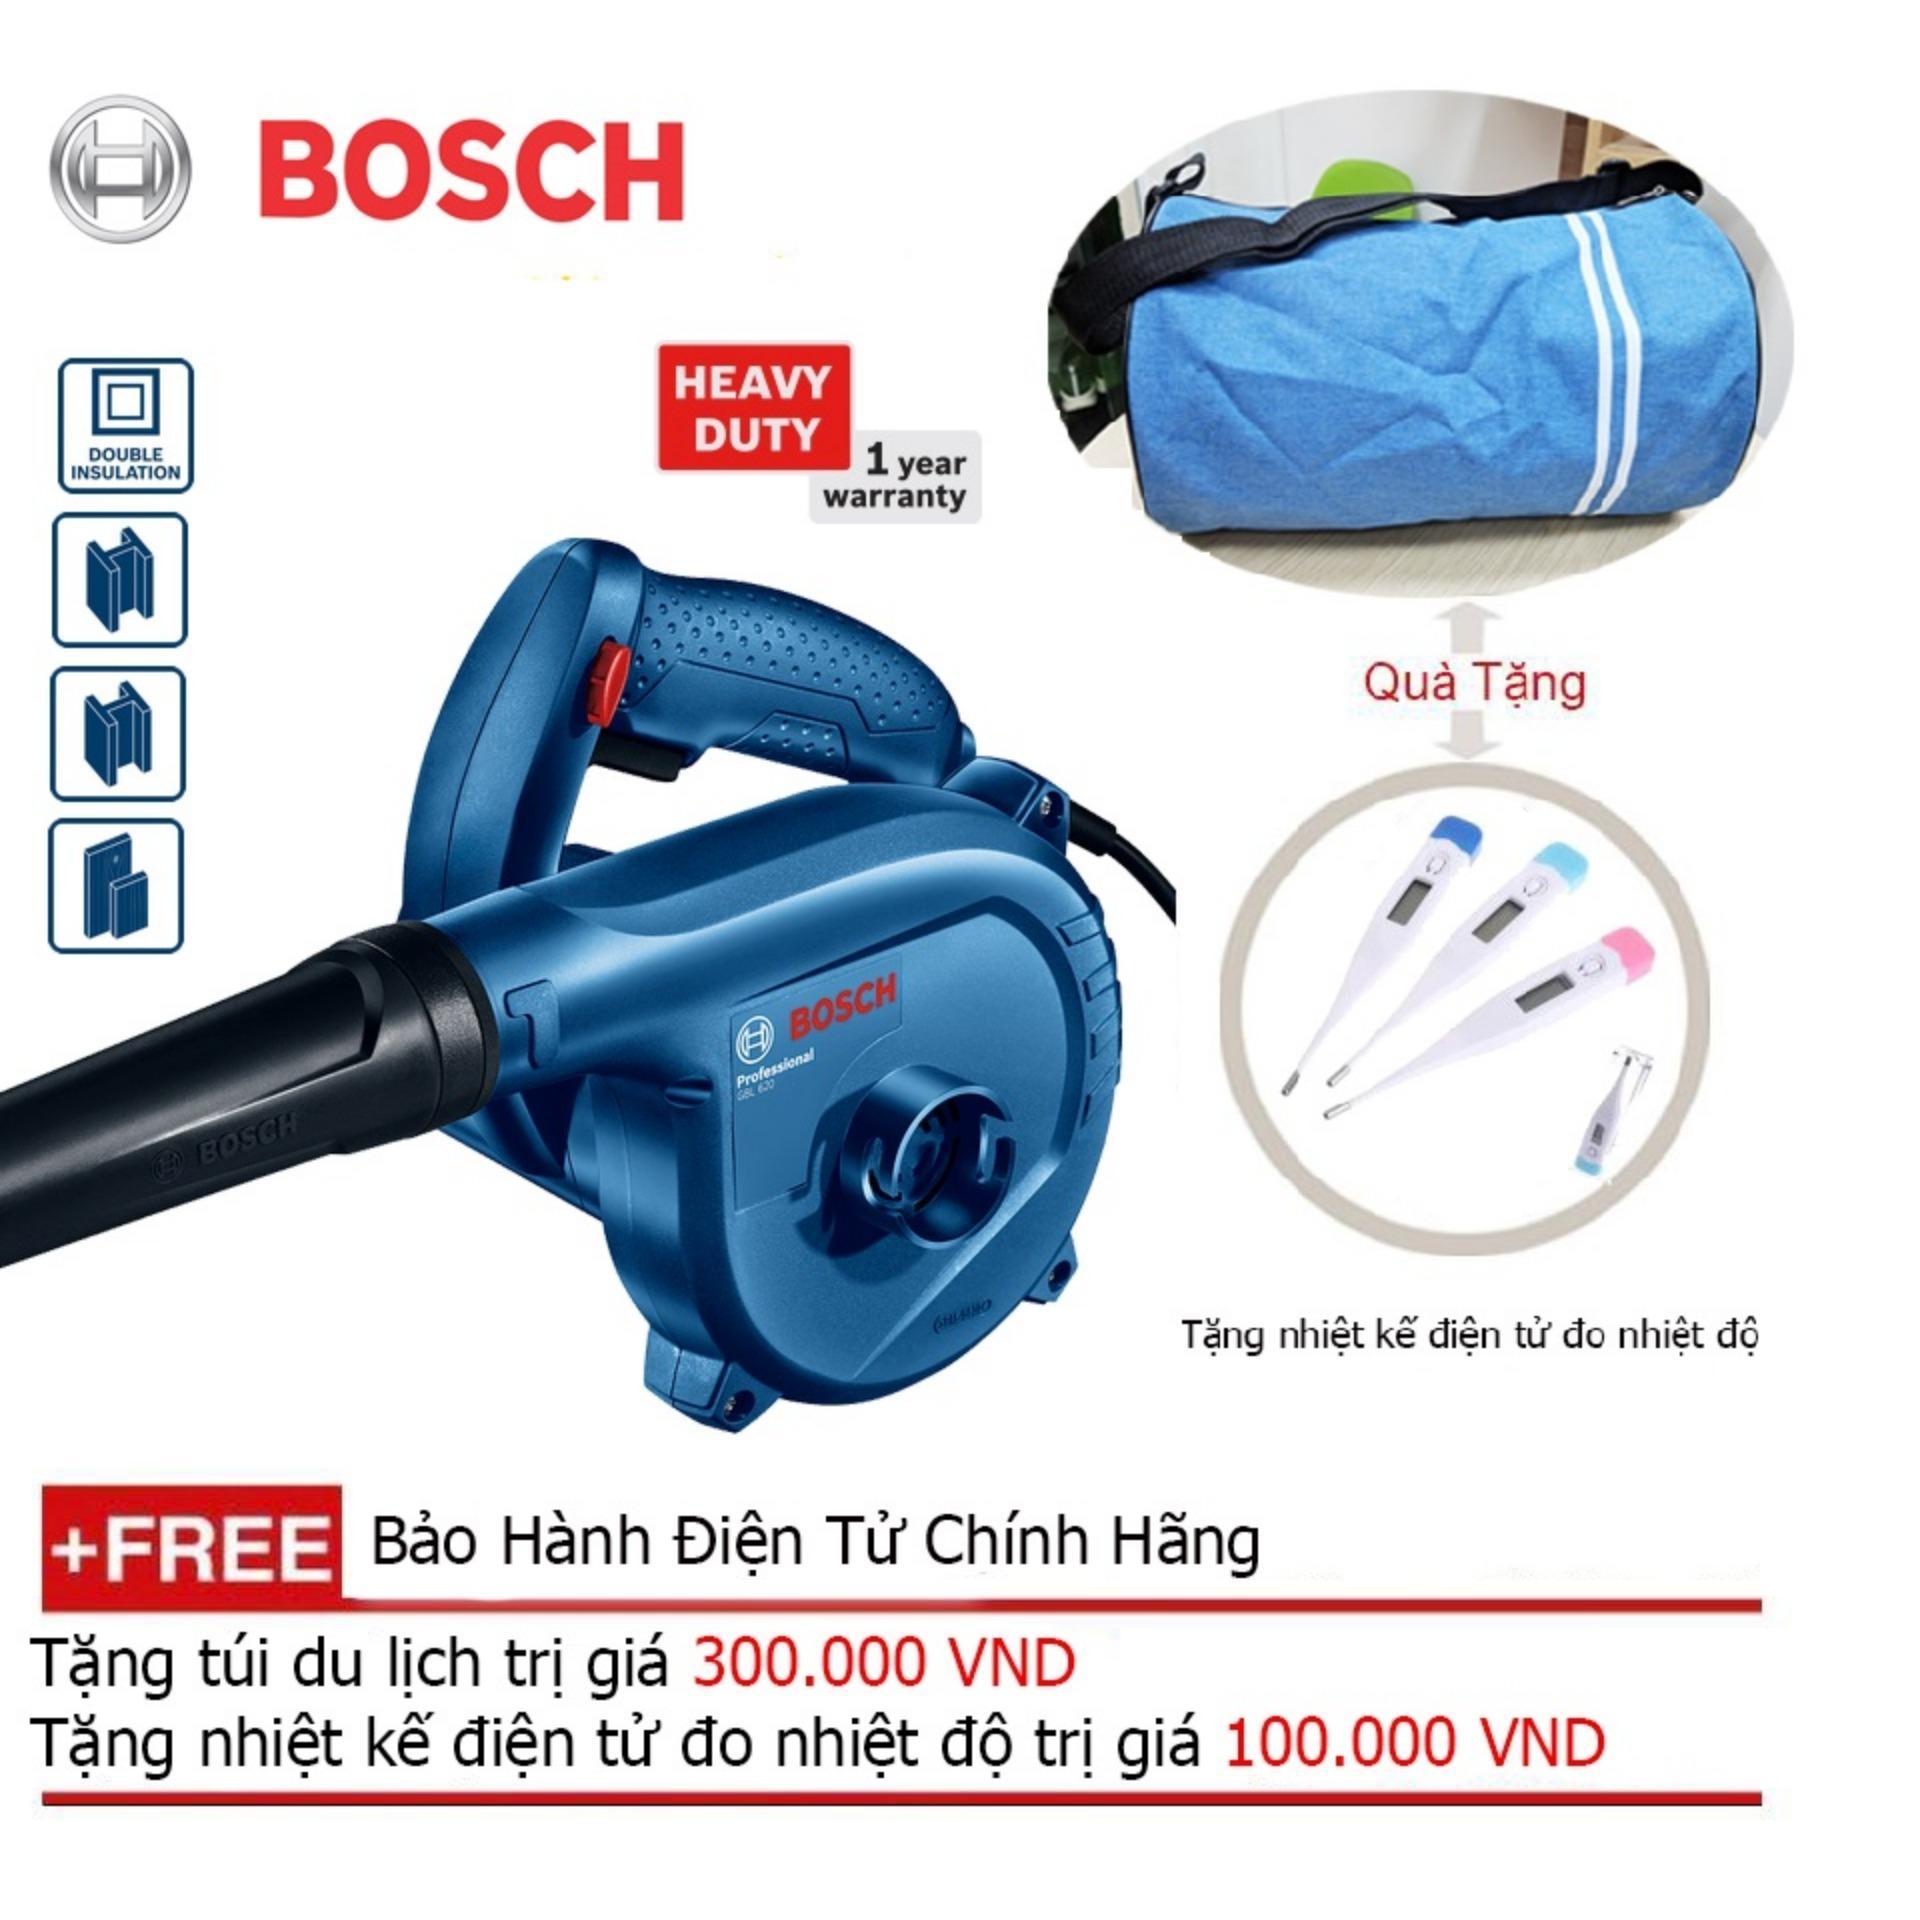 Máy thổi bụi Bosch GBL 82-270 + Quà tặng balo du lịch